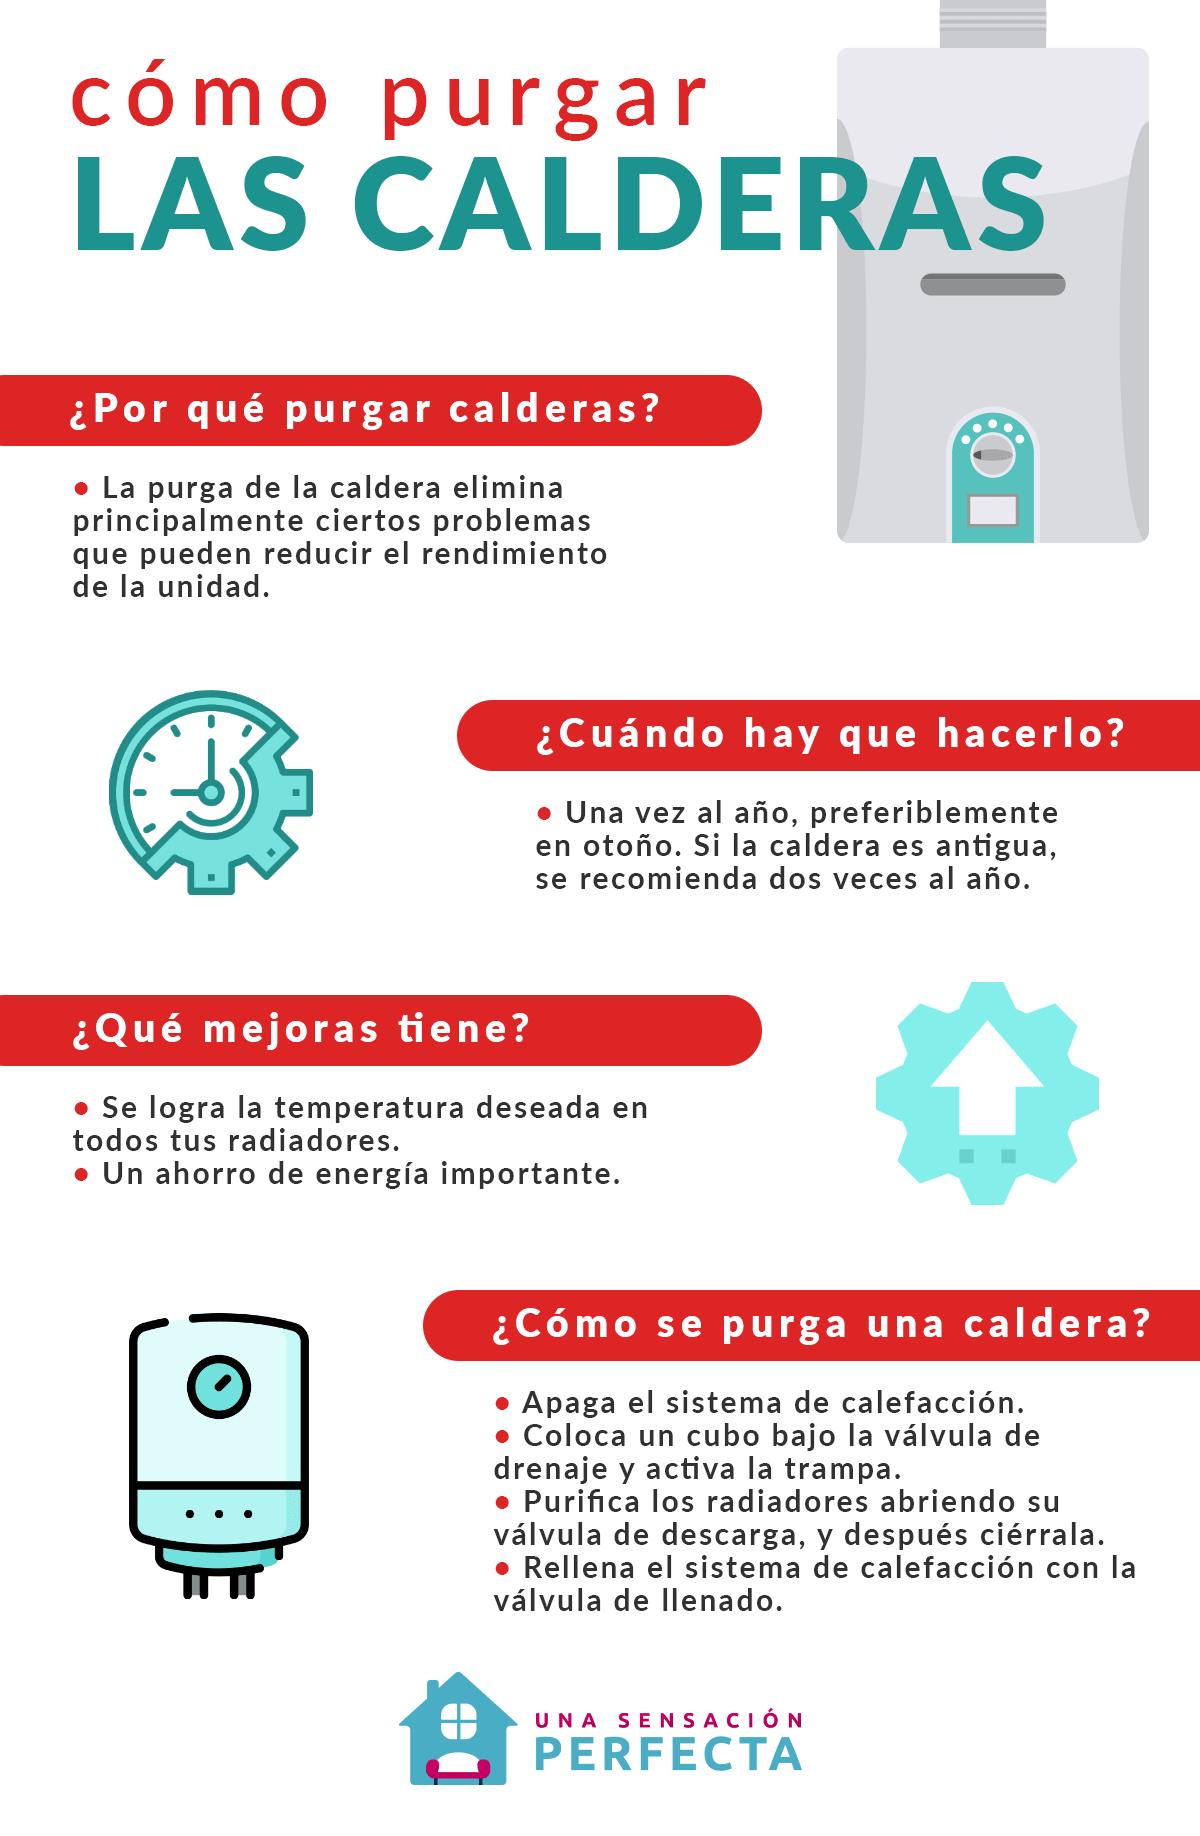 Razones para purgar calderas - unasensacionperfecta.es